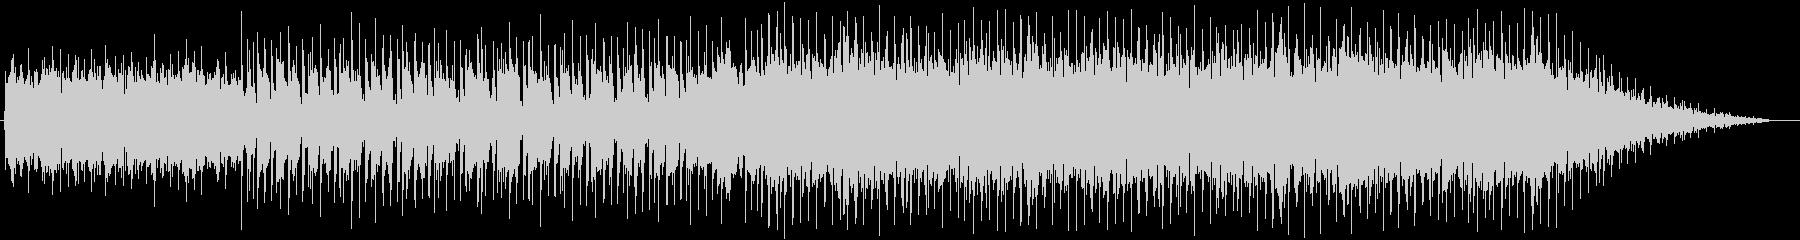 エンディング向きの爽やかなポップ・伴奏版の未再生の波形